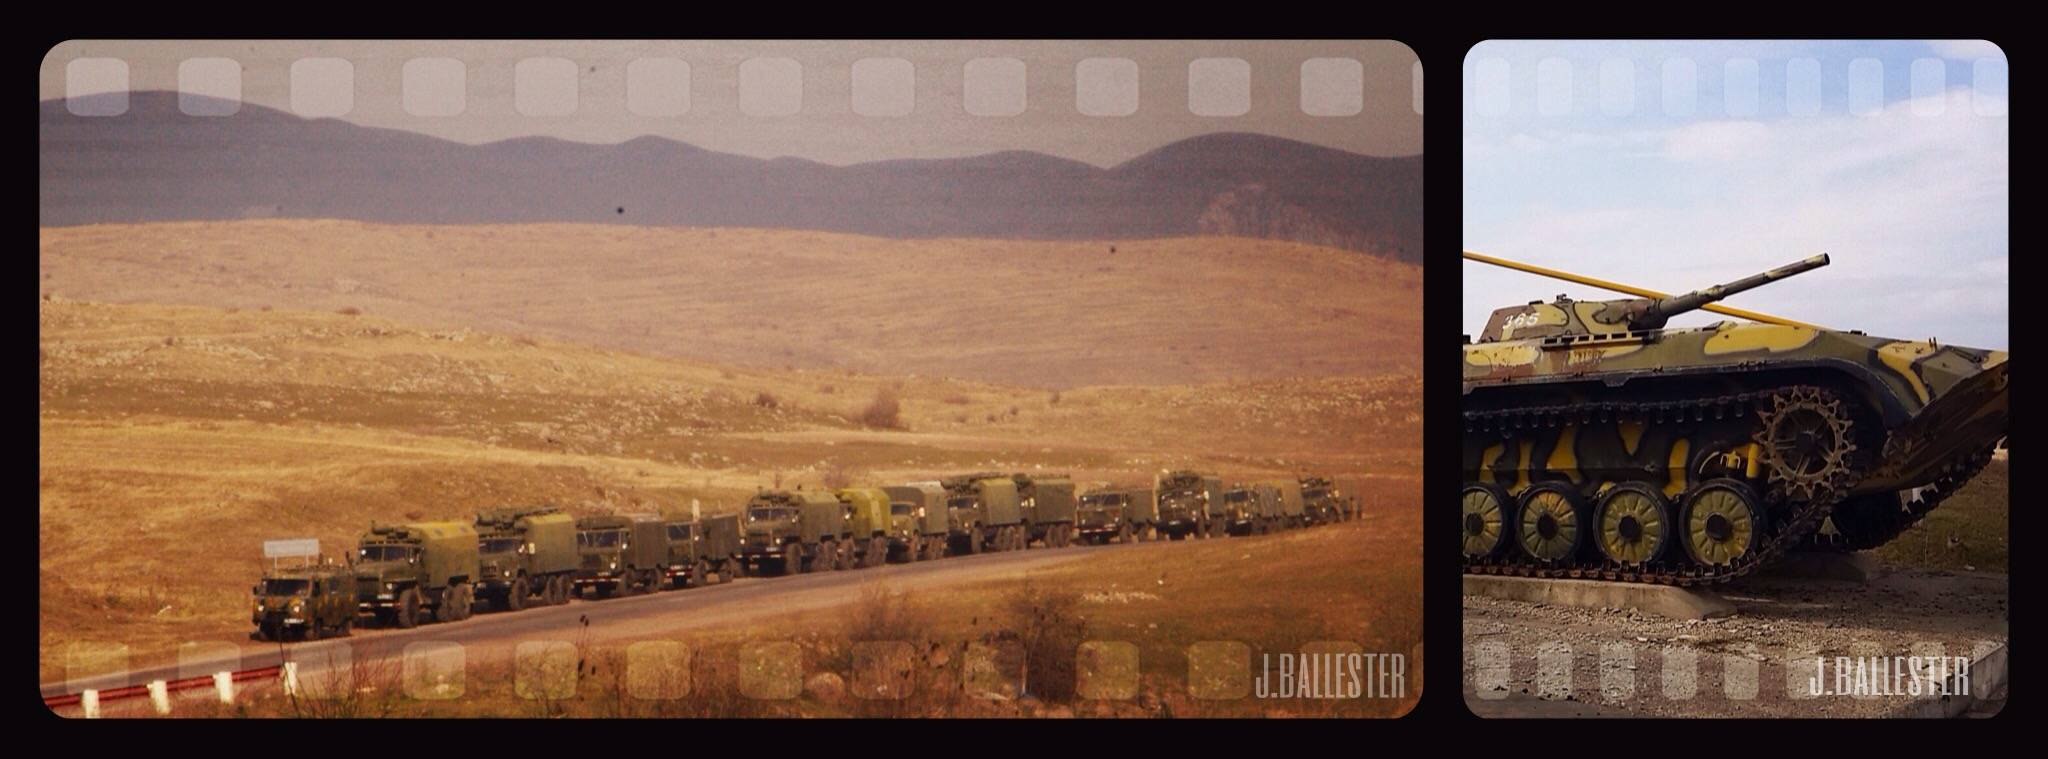 Los vehiculos militares son una constante en las carreteras del país